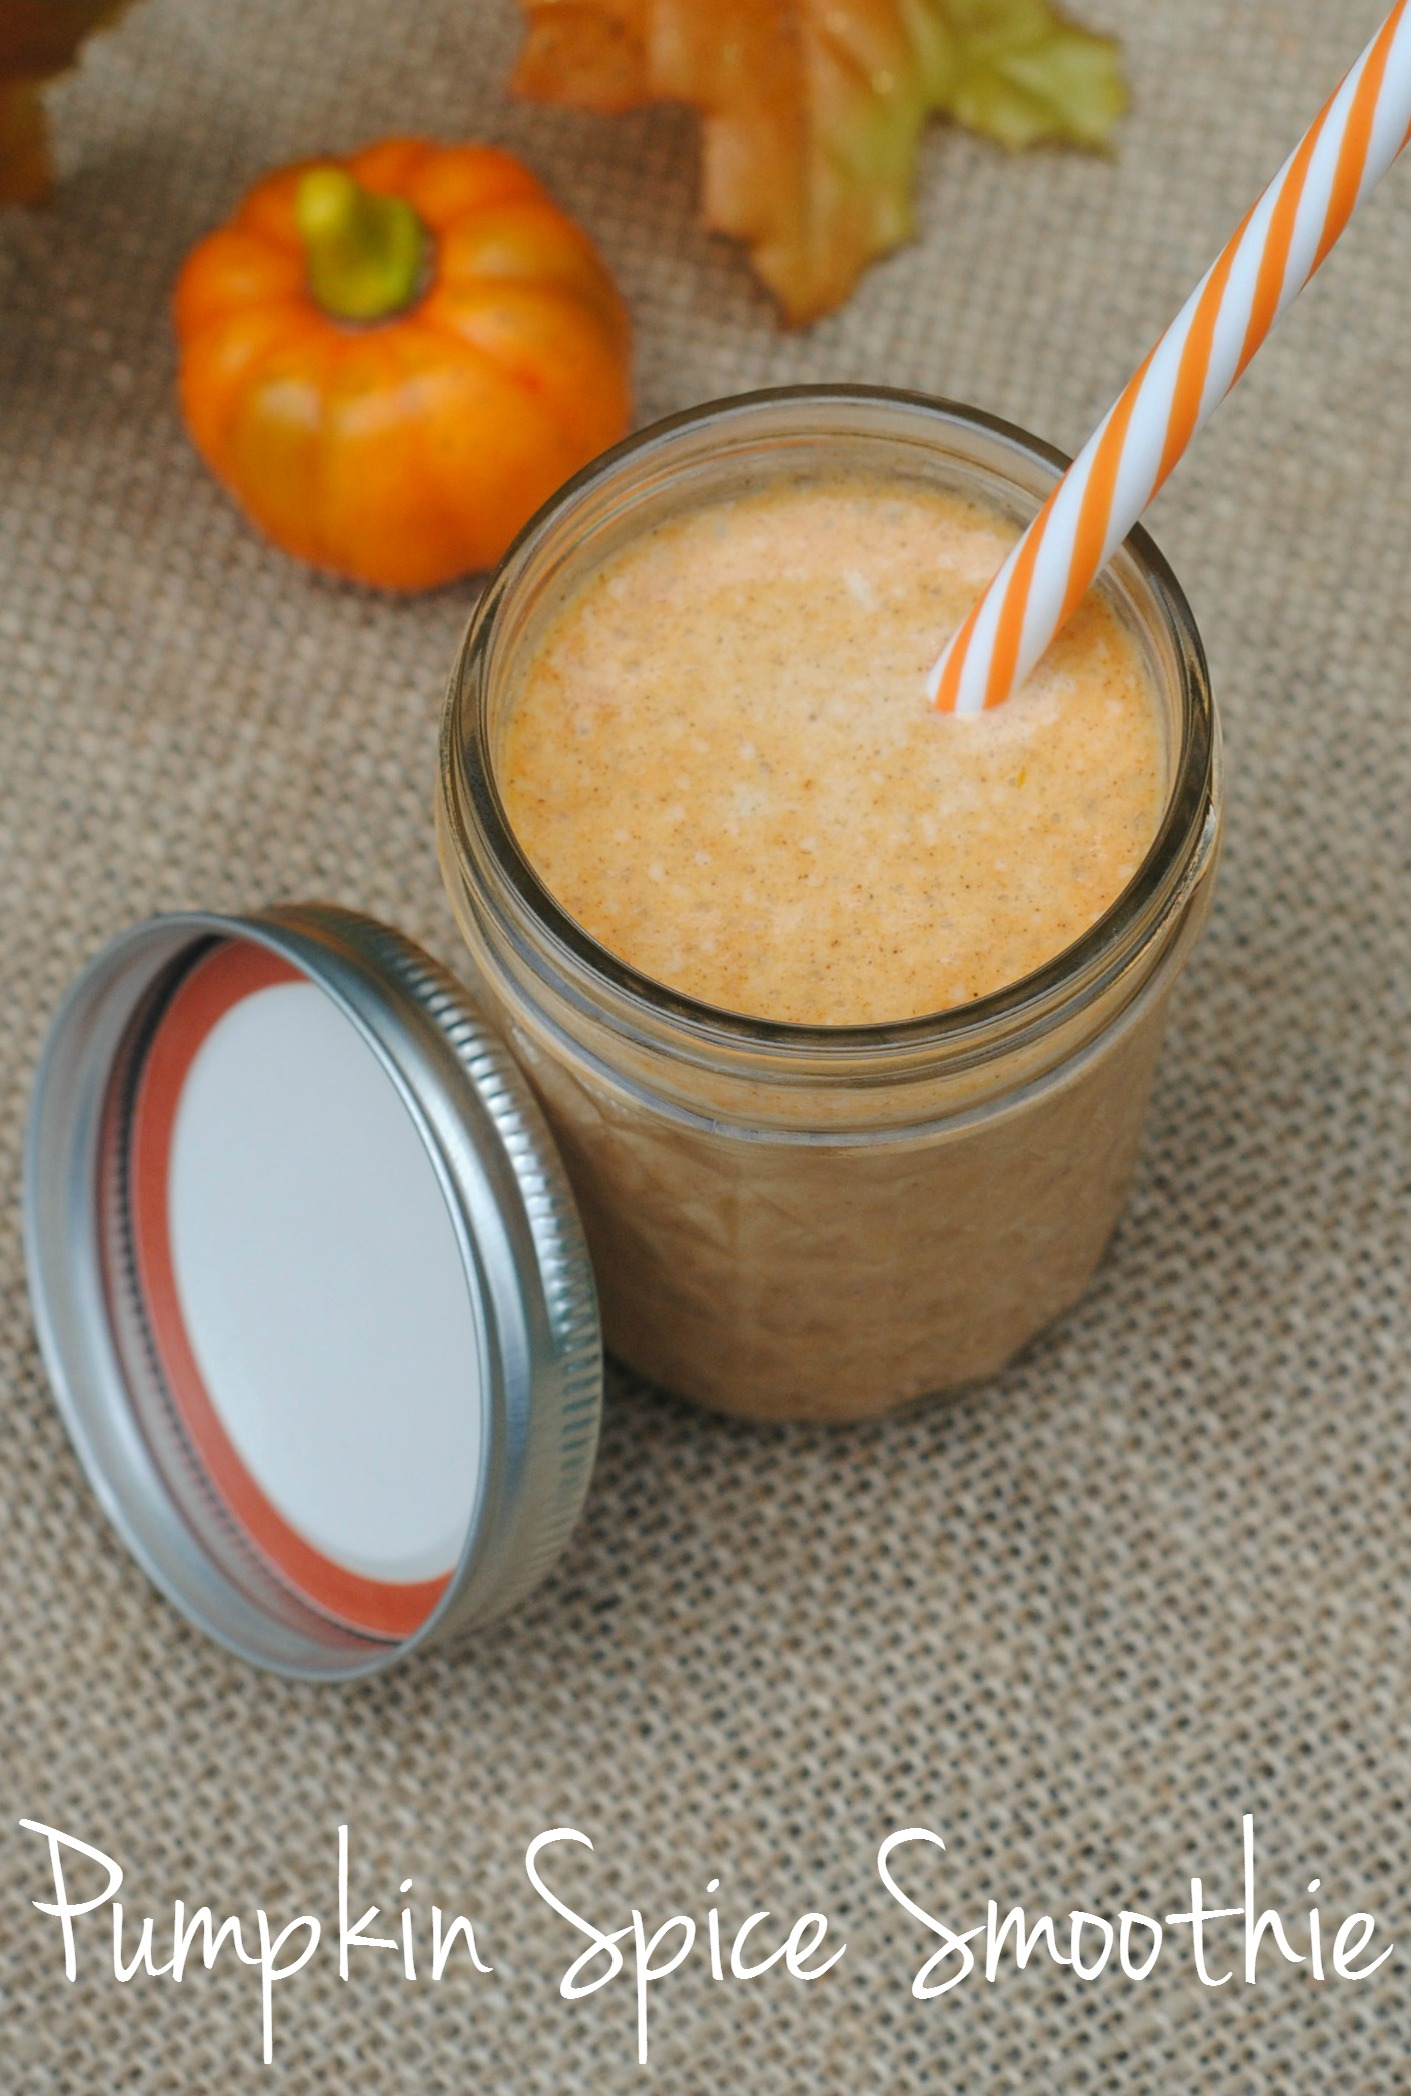 Pumpkin Spice Smoothie Recipe - {Not Quite} Susie Homemaker